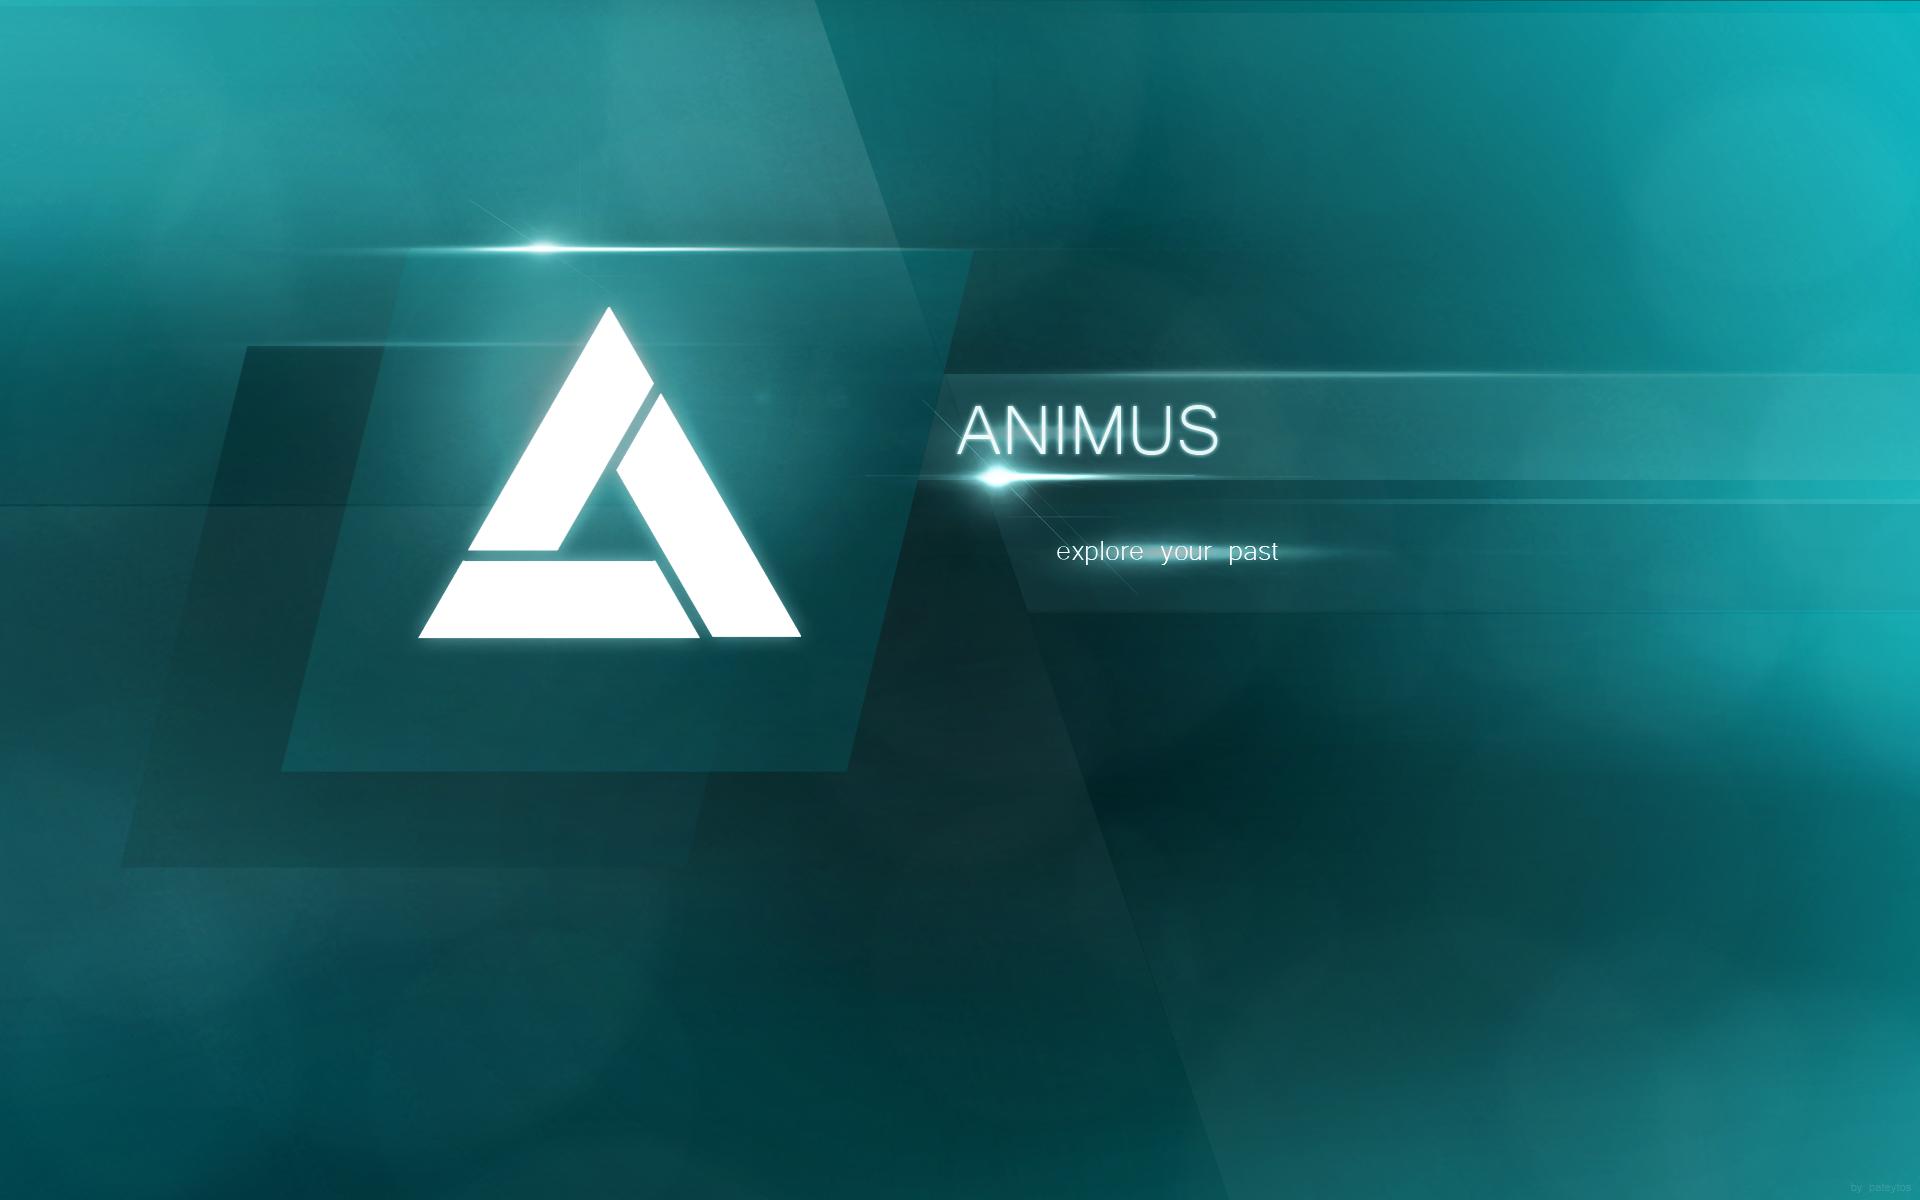 ac4 animus by pateytos on deviantart